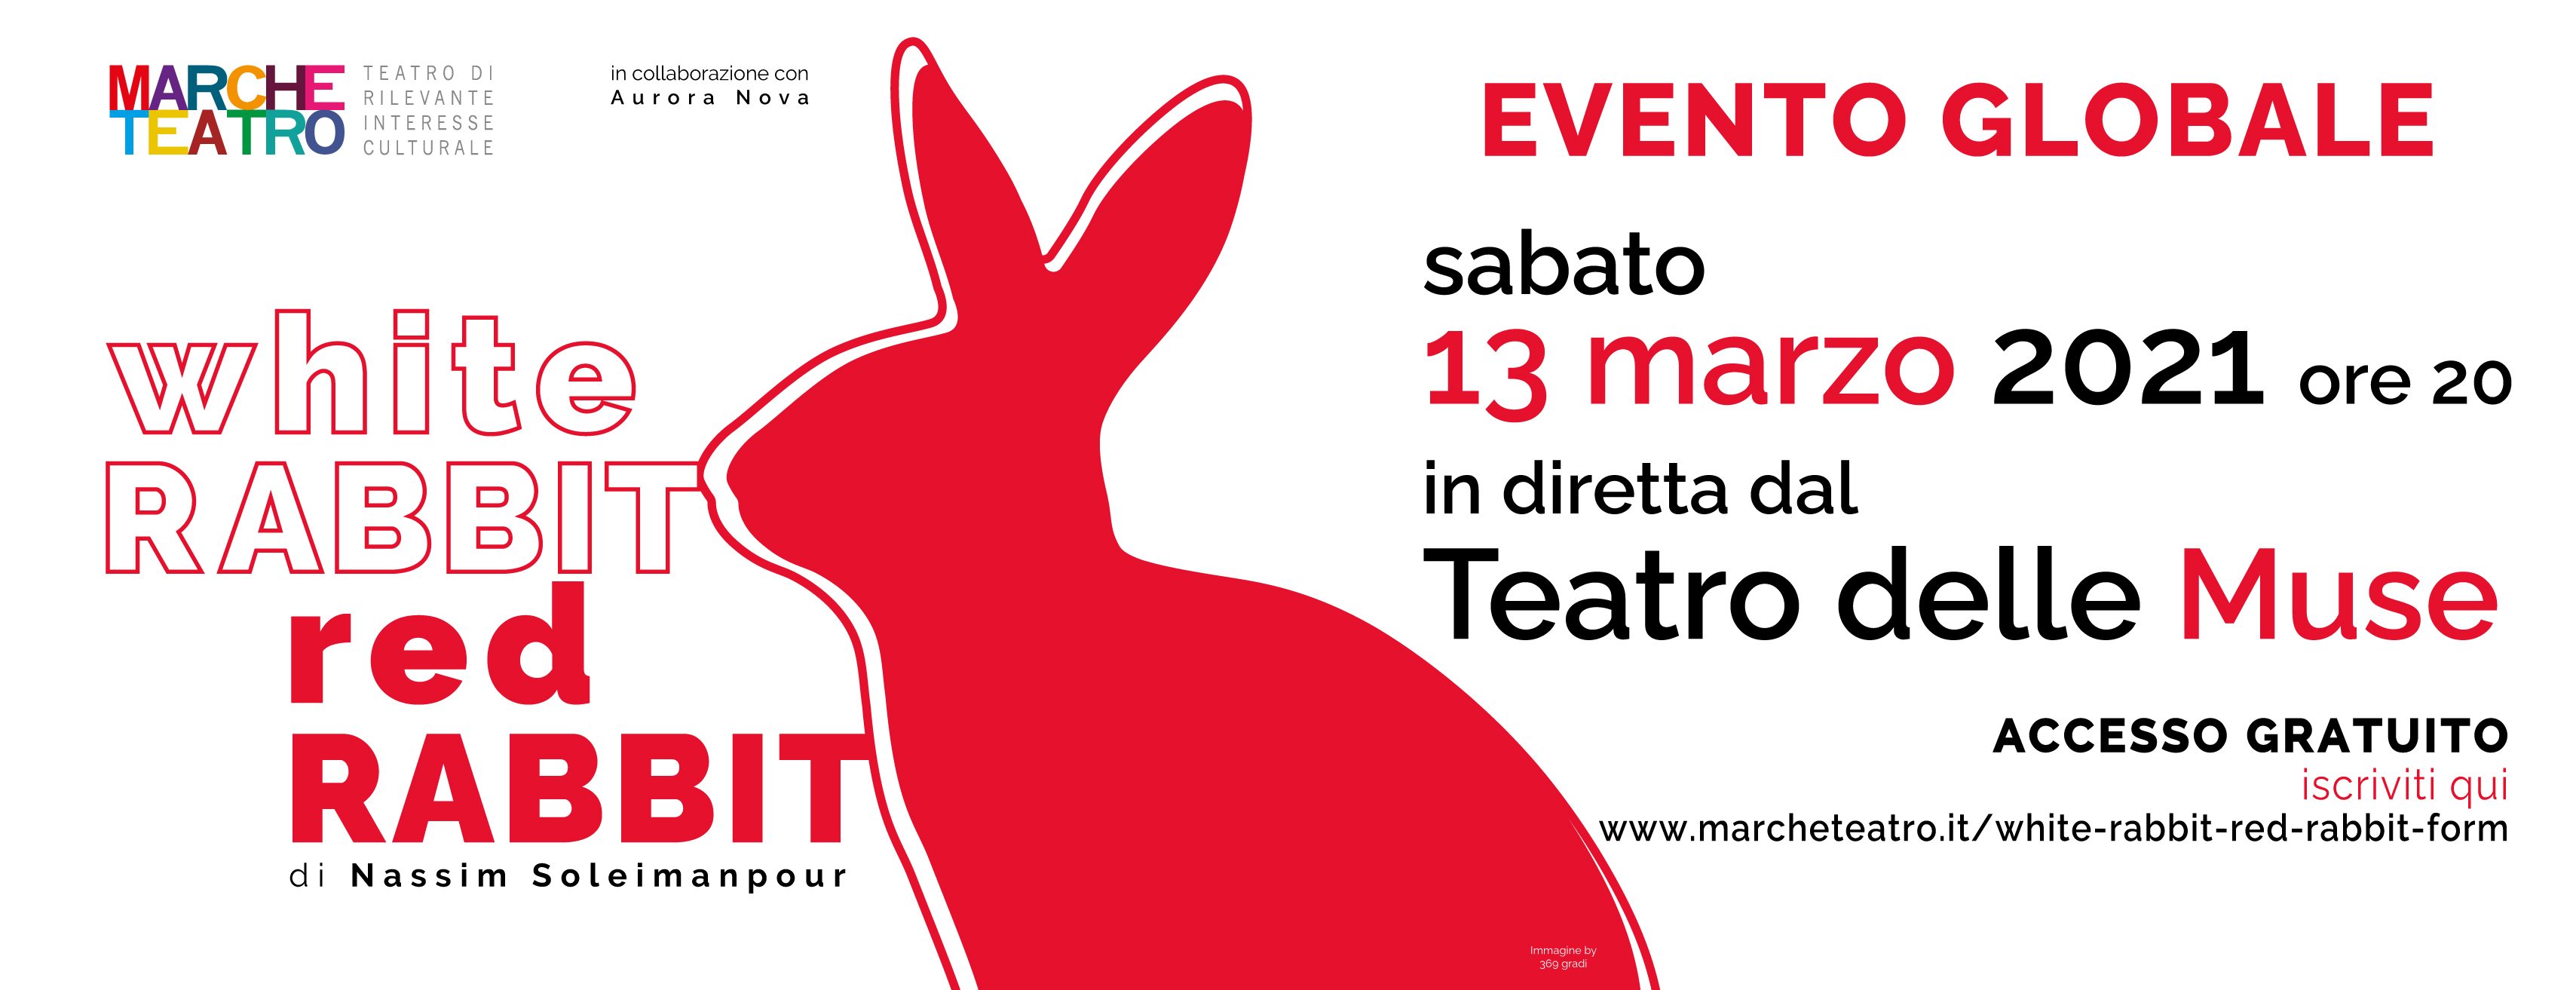 Immagine_white_rabbit_red_rabbit